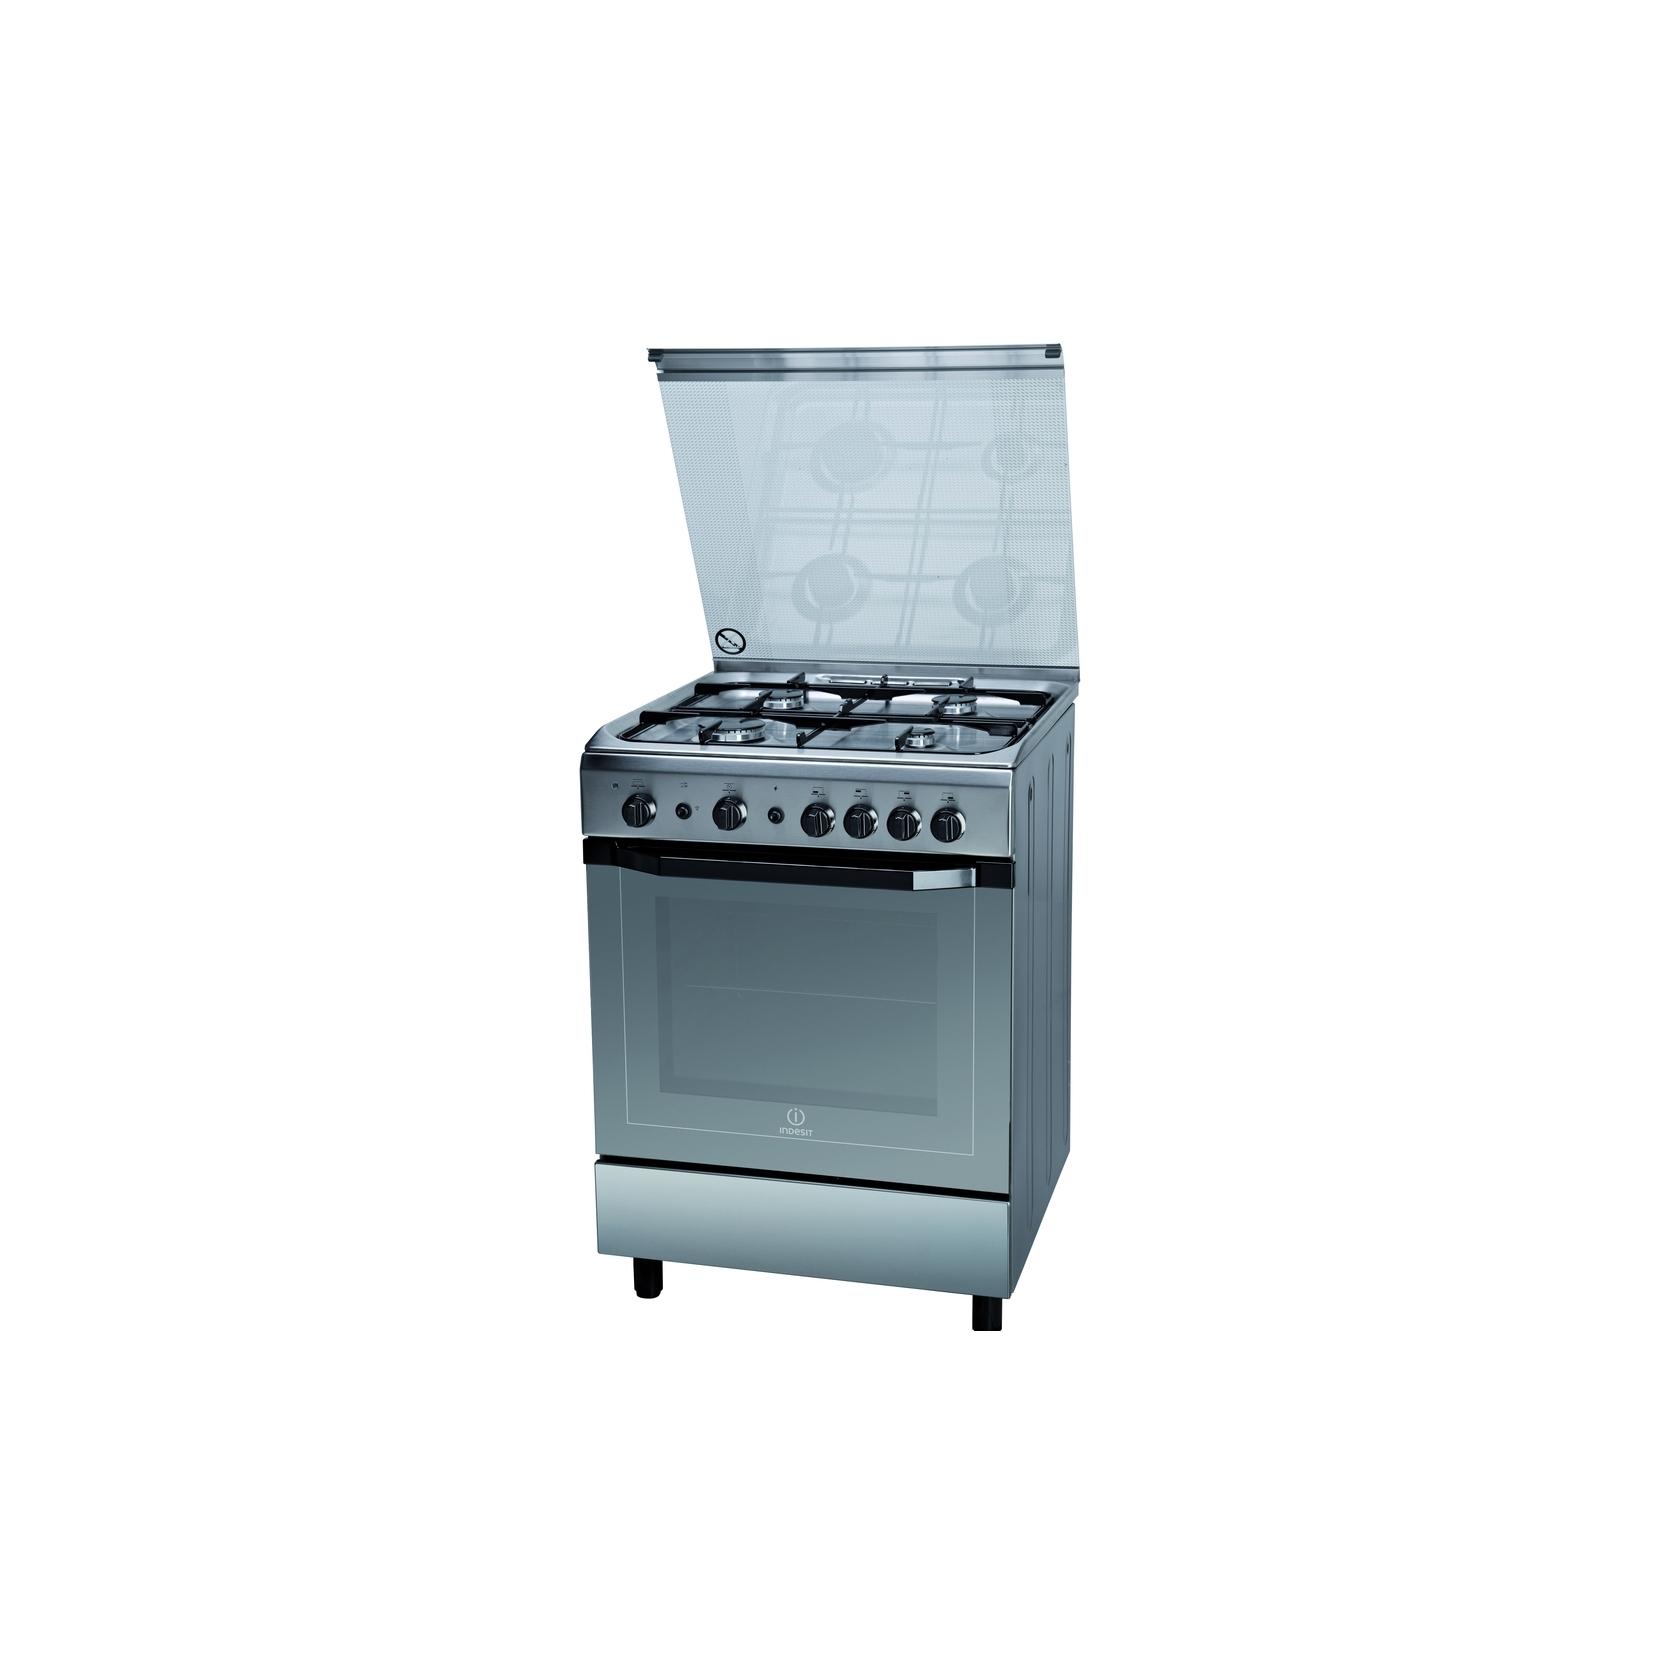 Cucina indesit i6gg1f x i inox 60x60 4 fuochi forno a gas garanzia italia elettrovillage - Cucine a gas samsung ...